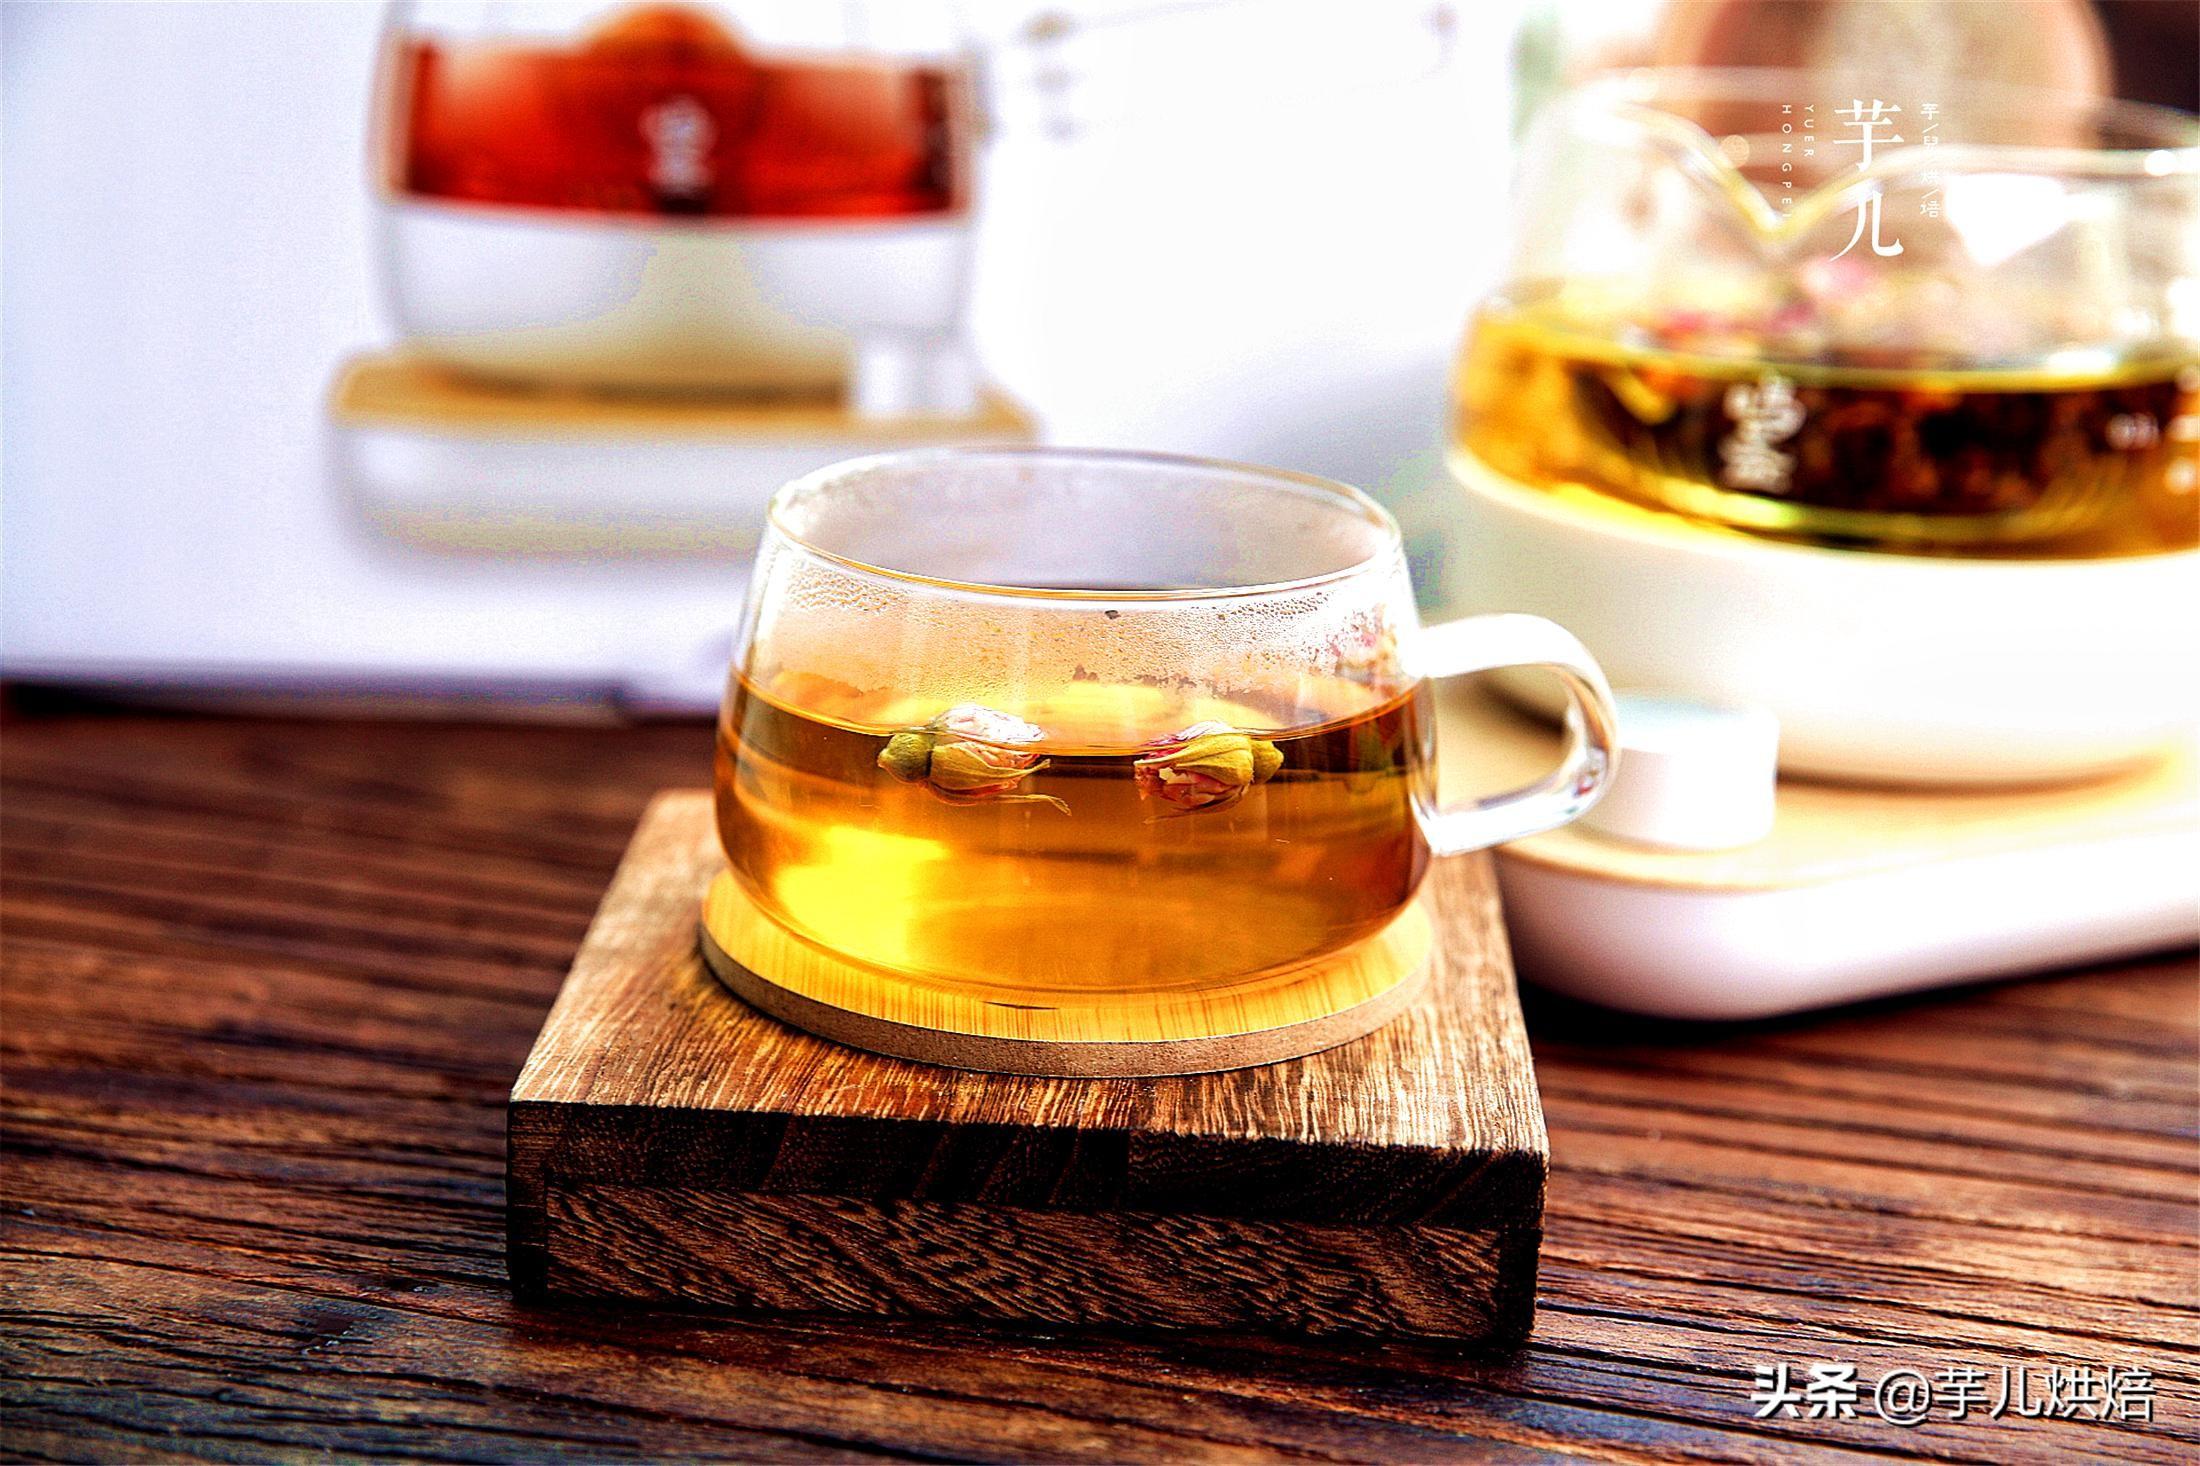 自制减肥茶配方有哪些,怎么做